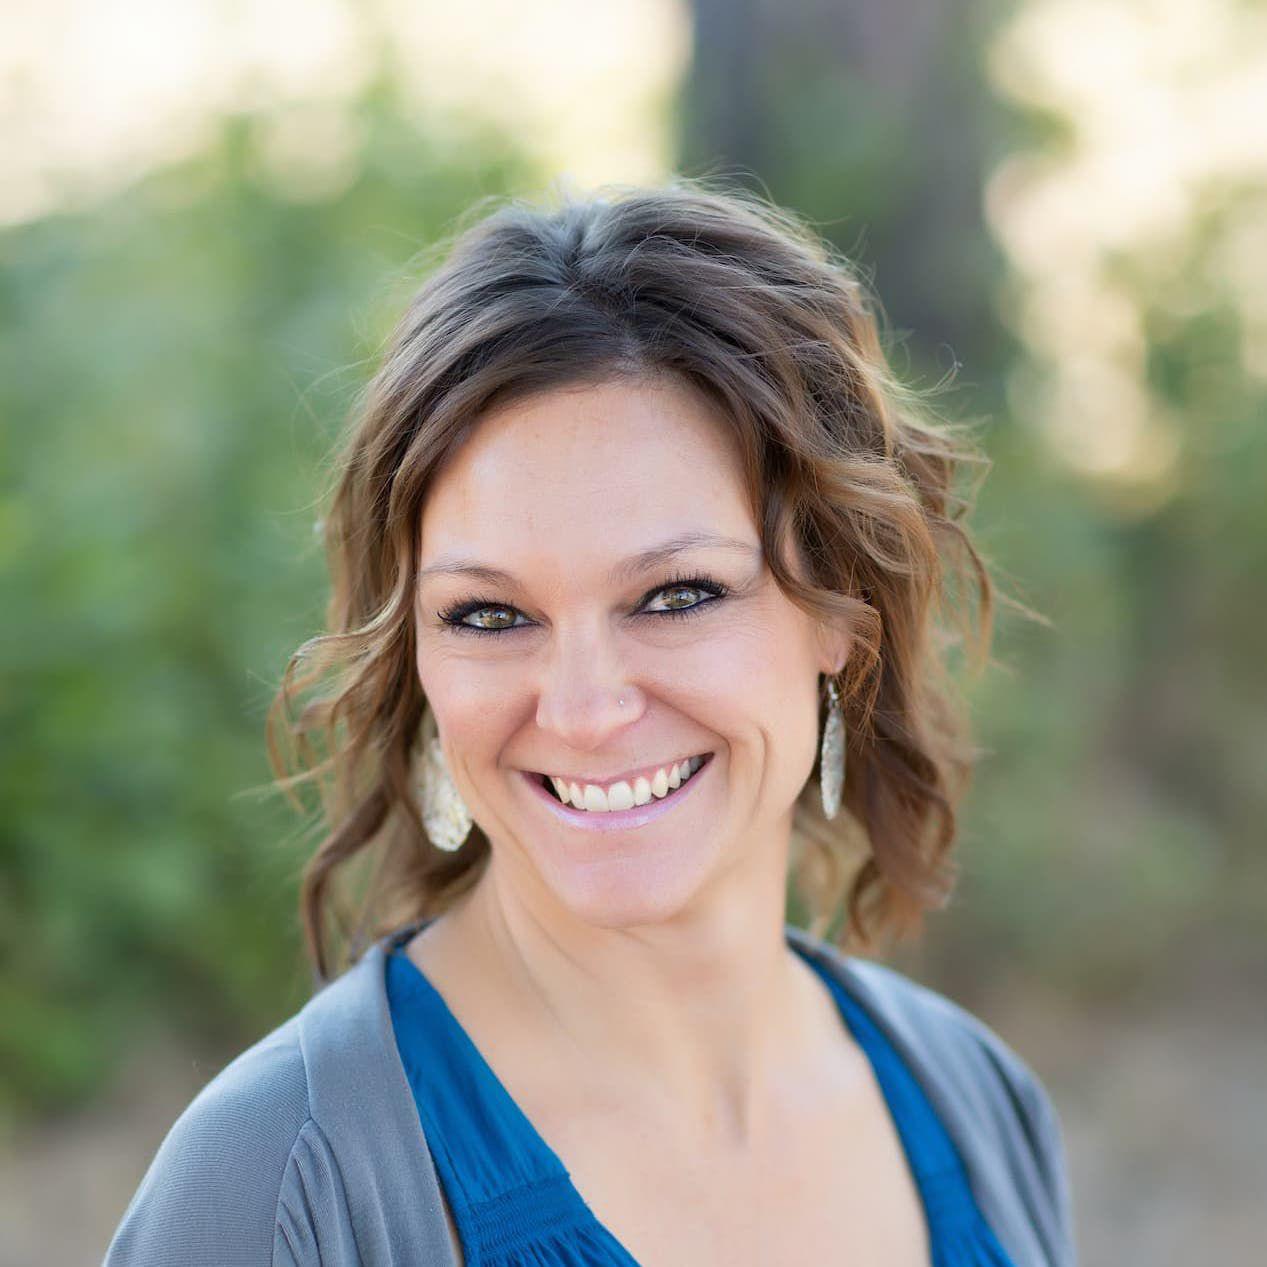 meet nichole - financial coordinator of johnson dental